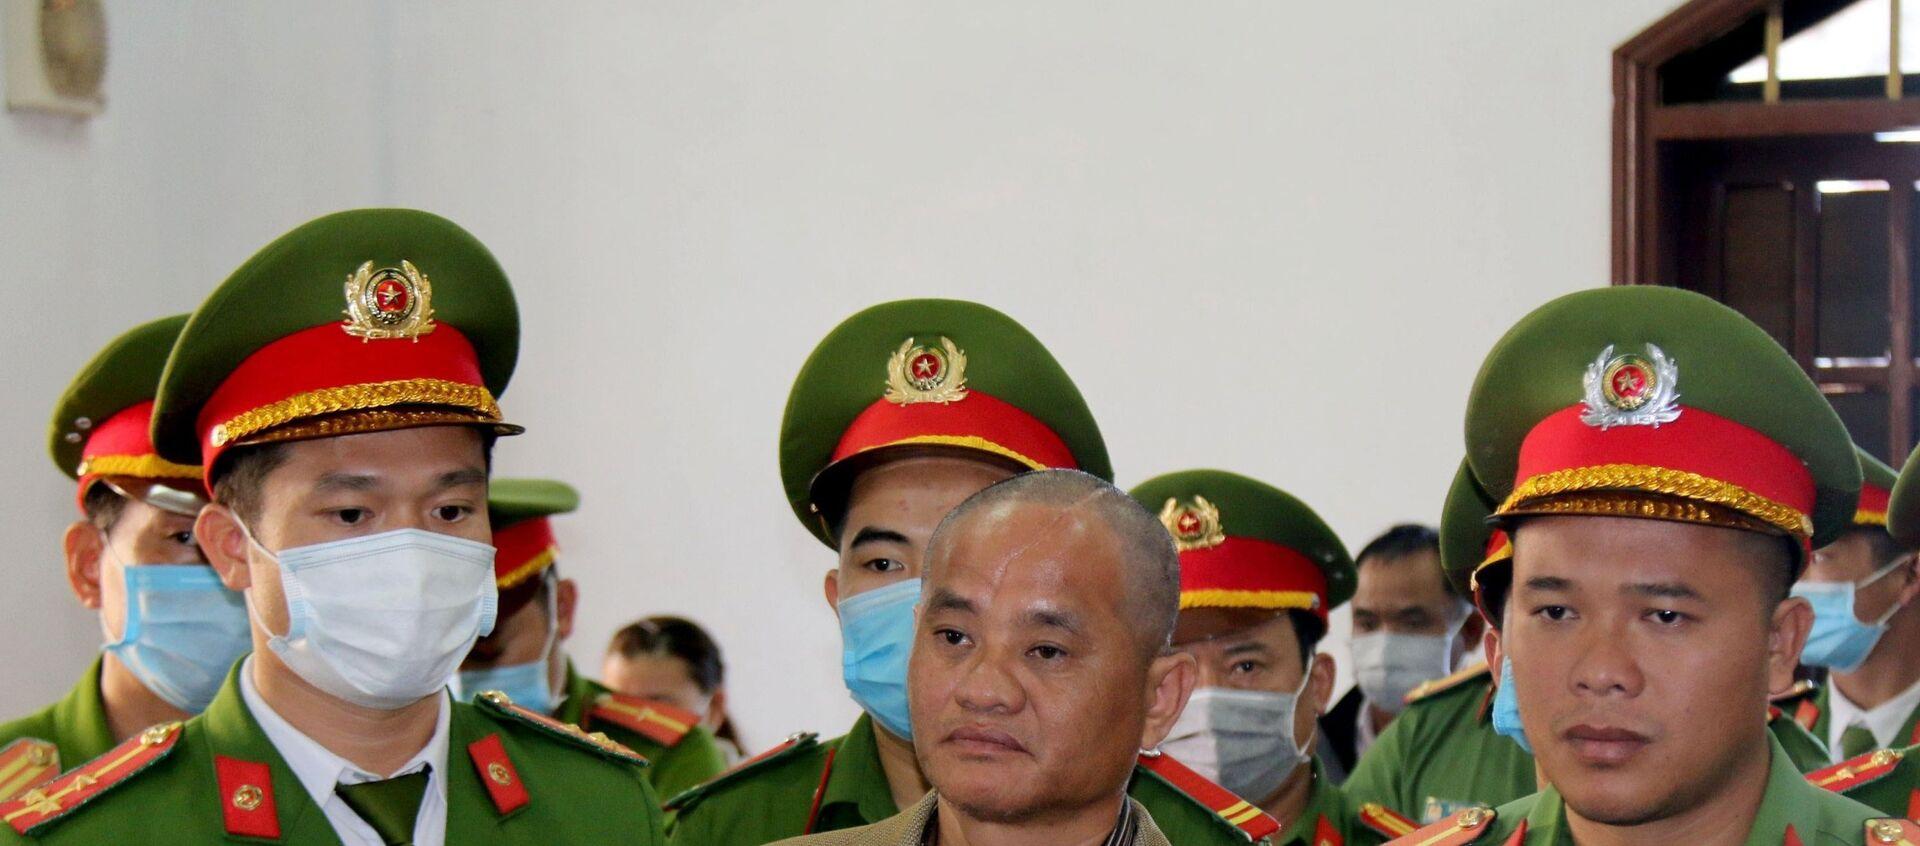 Bị cáo Đỗ Văn Minh bị tuyên tử hình. - Sputnik Việt Nam, 1920, 08.01.2021